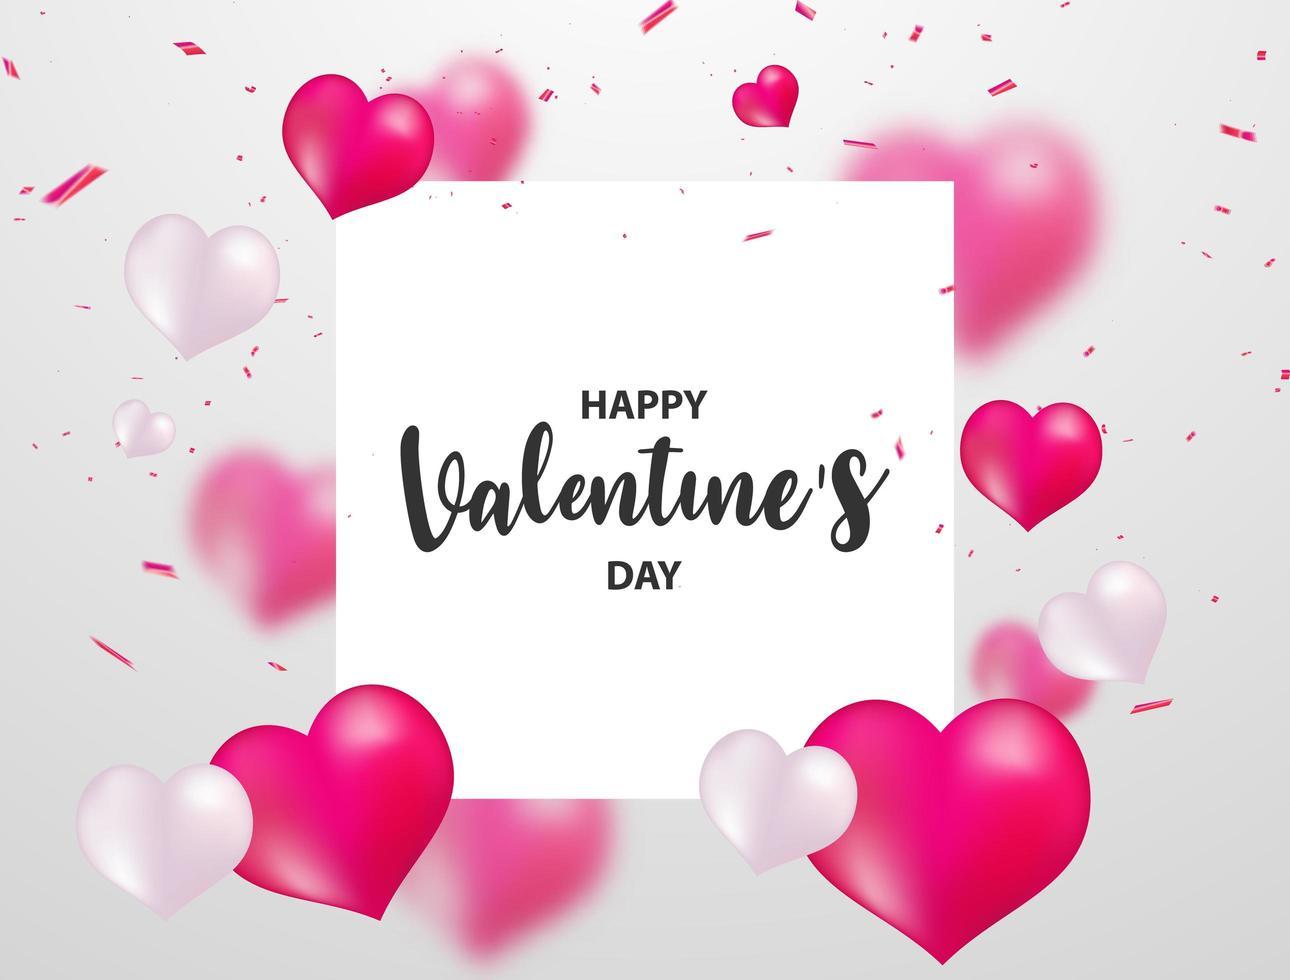 Banner de San Valentín con confeti, globos de corazón y marco blanco para texto